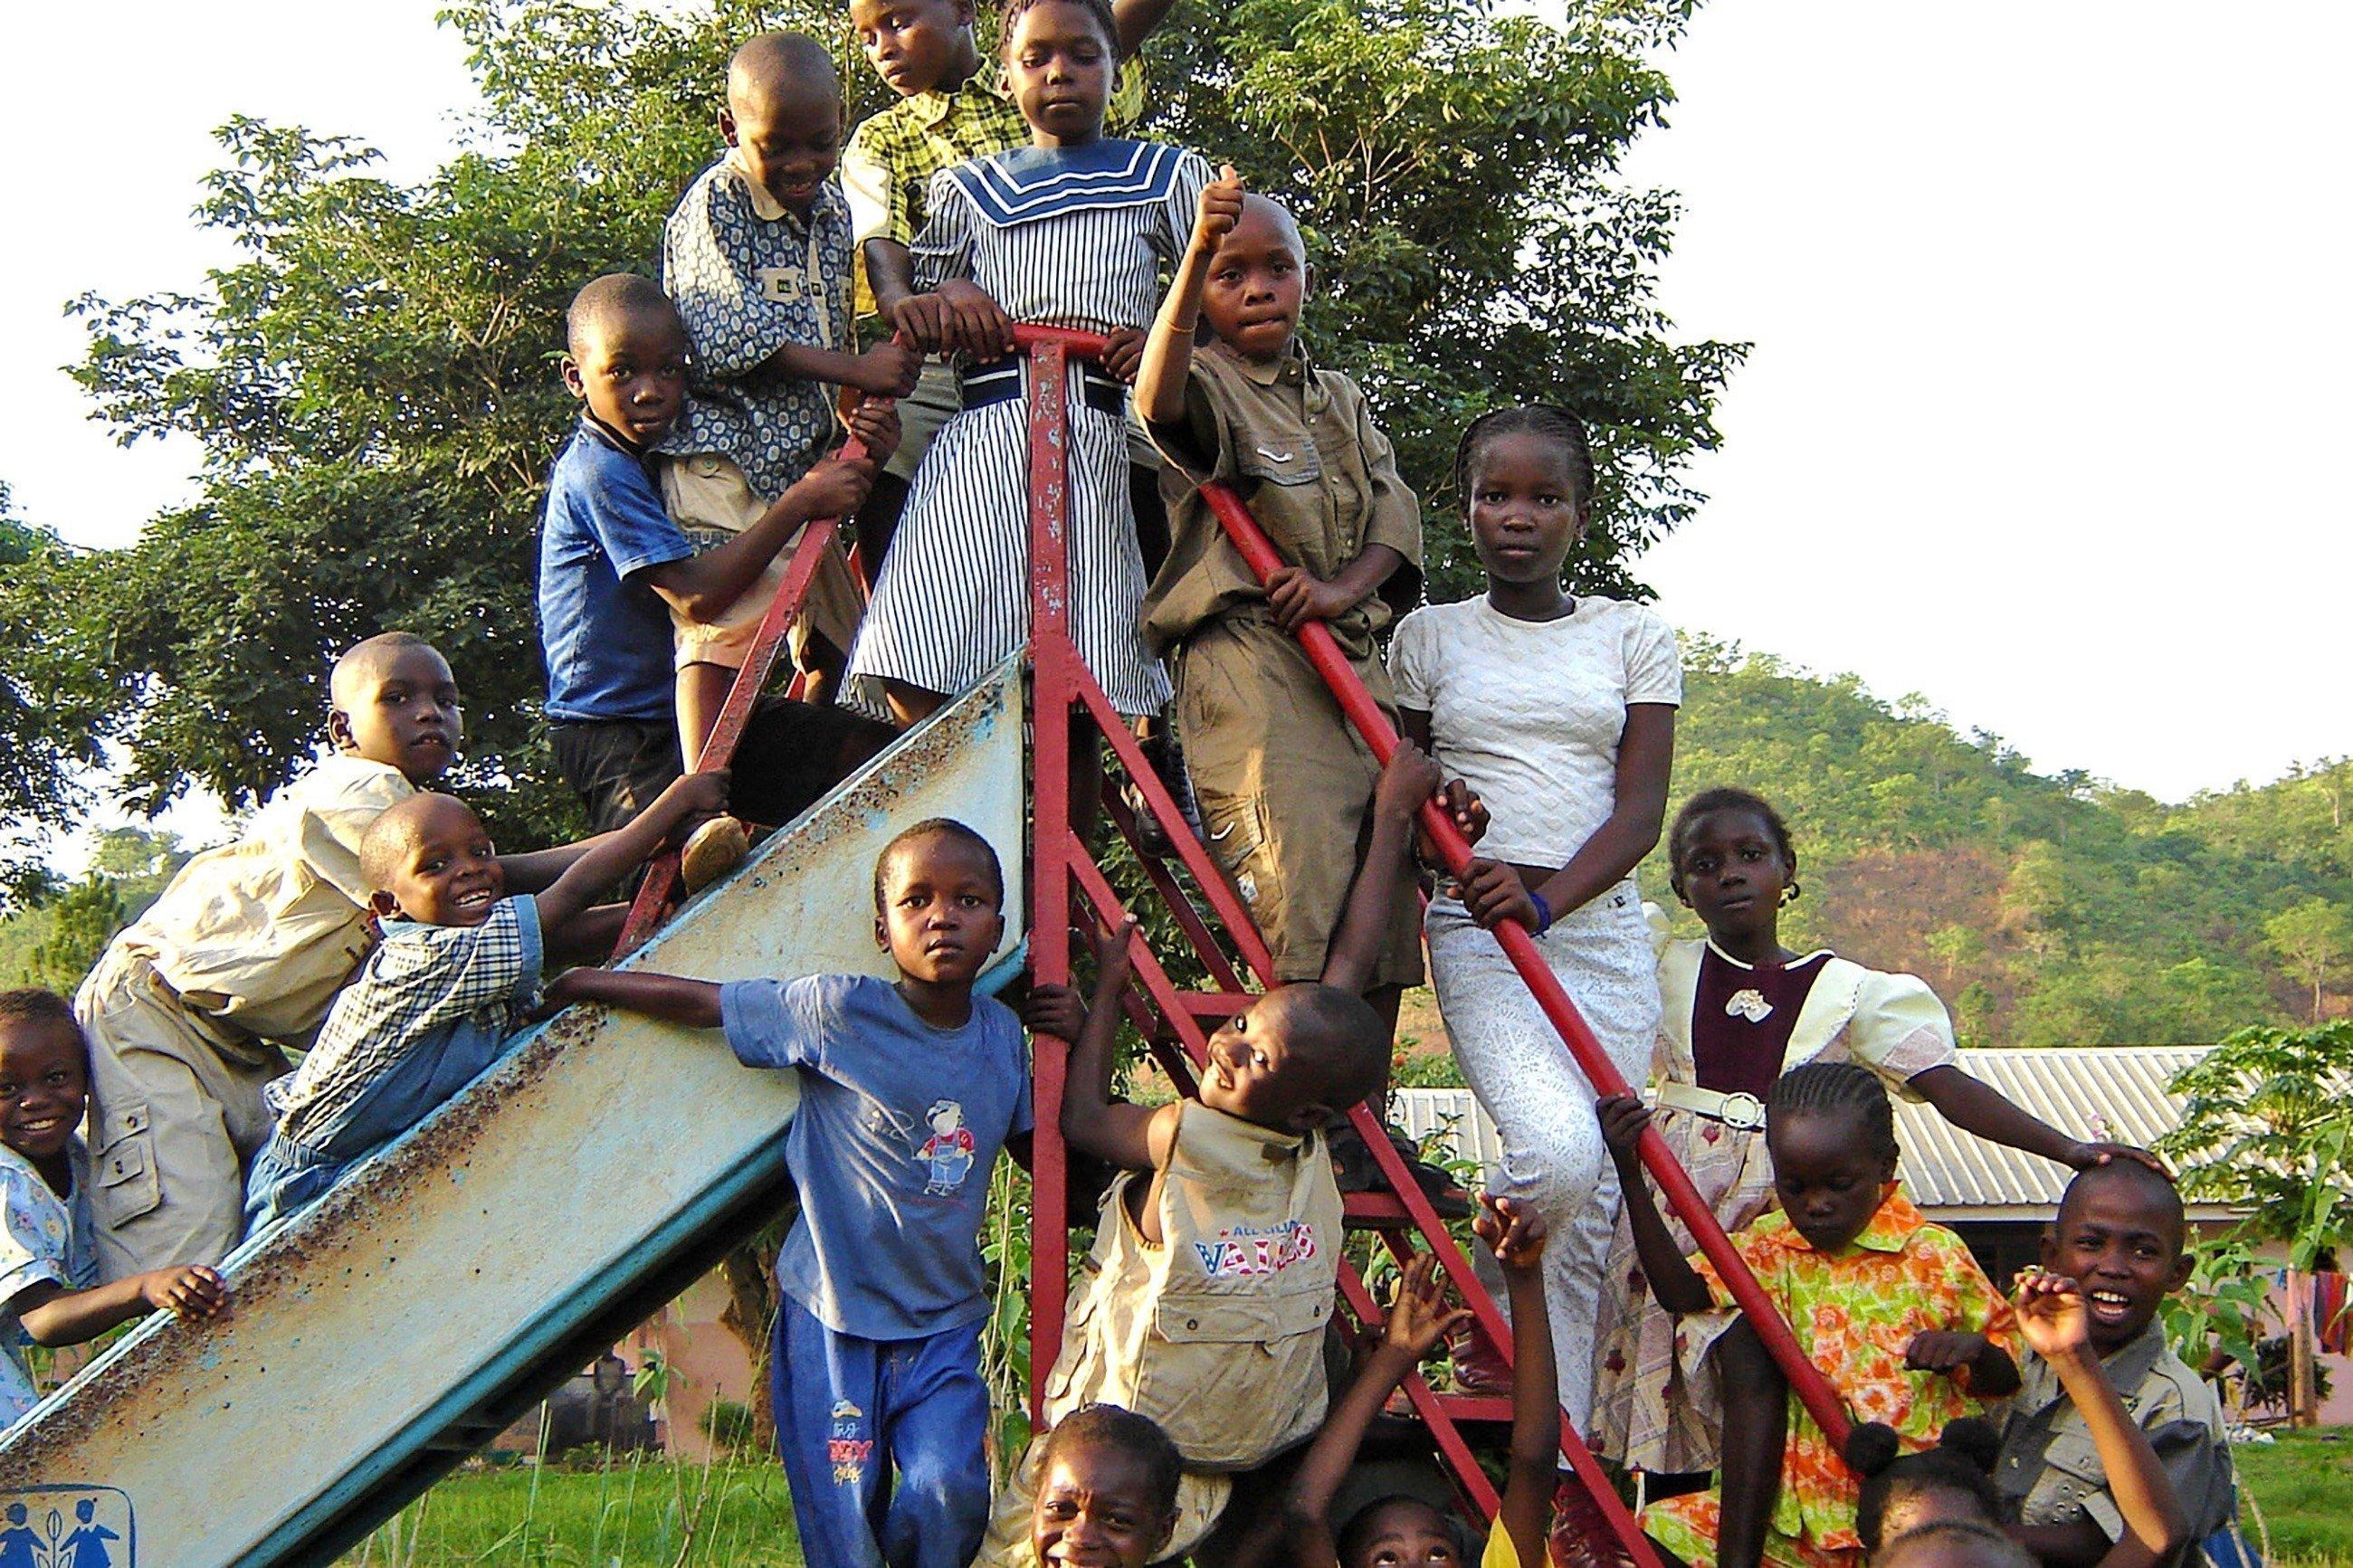 Bambini davanti a uno scivolo.